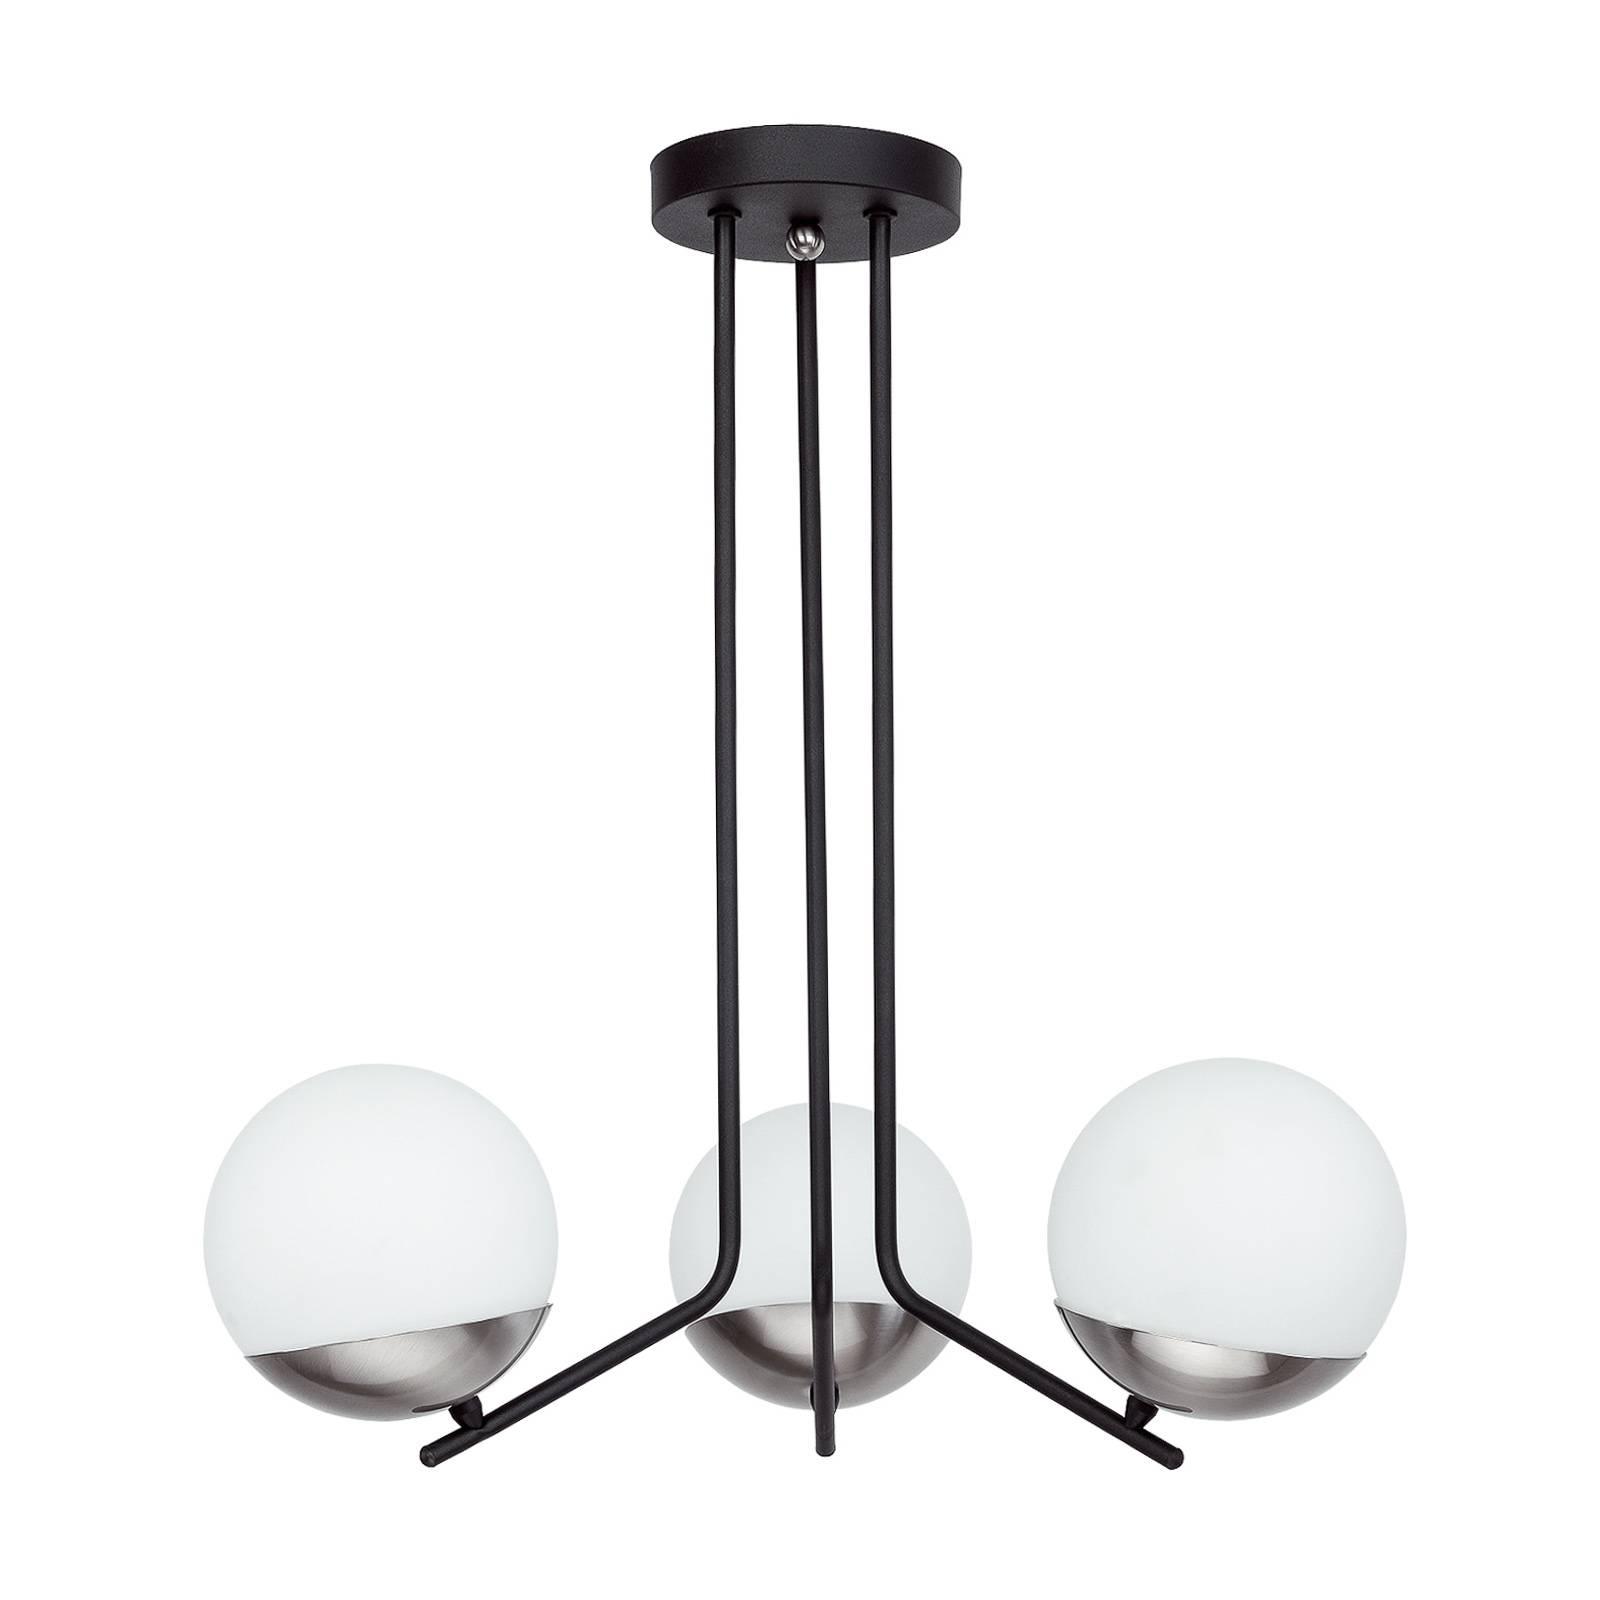 Lampada a sospensione Torbole opale/nichel, 3 luci